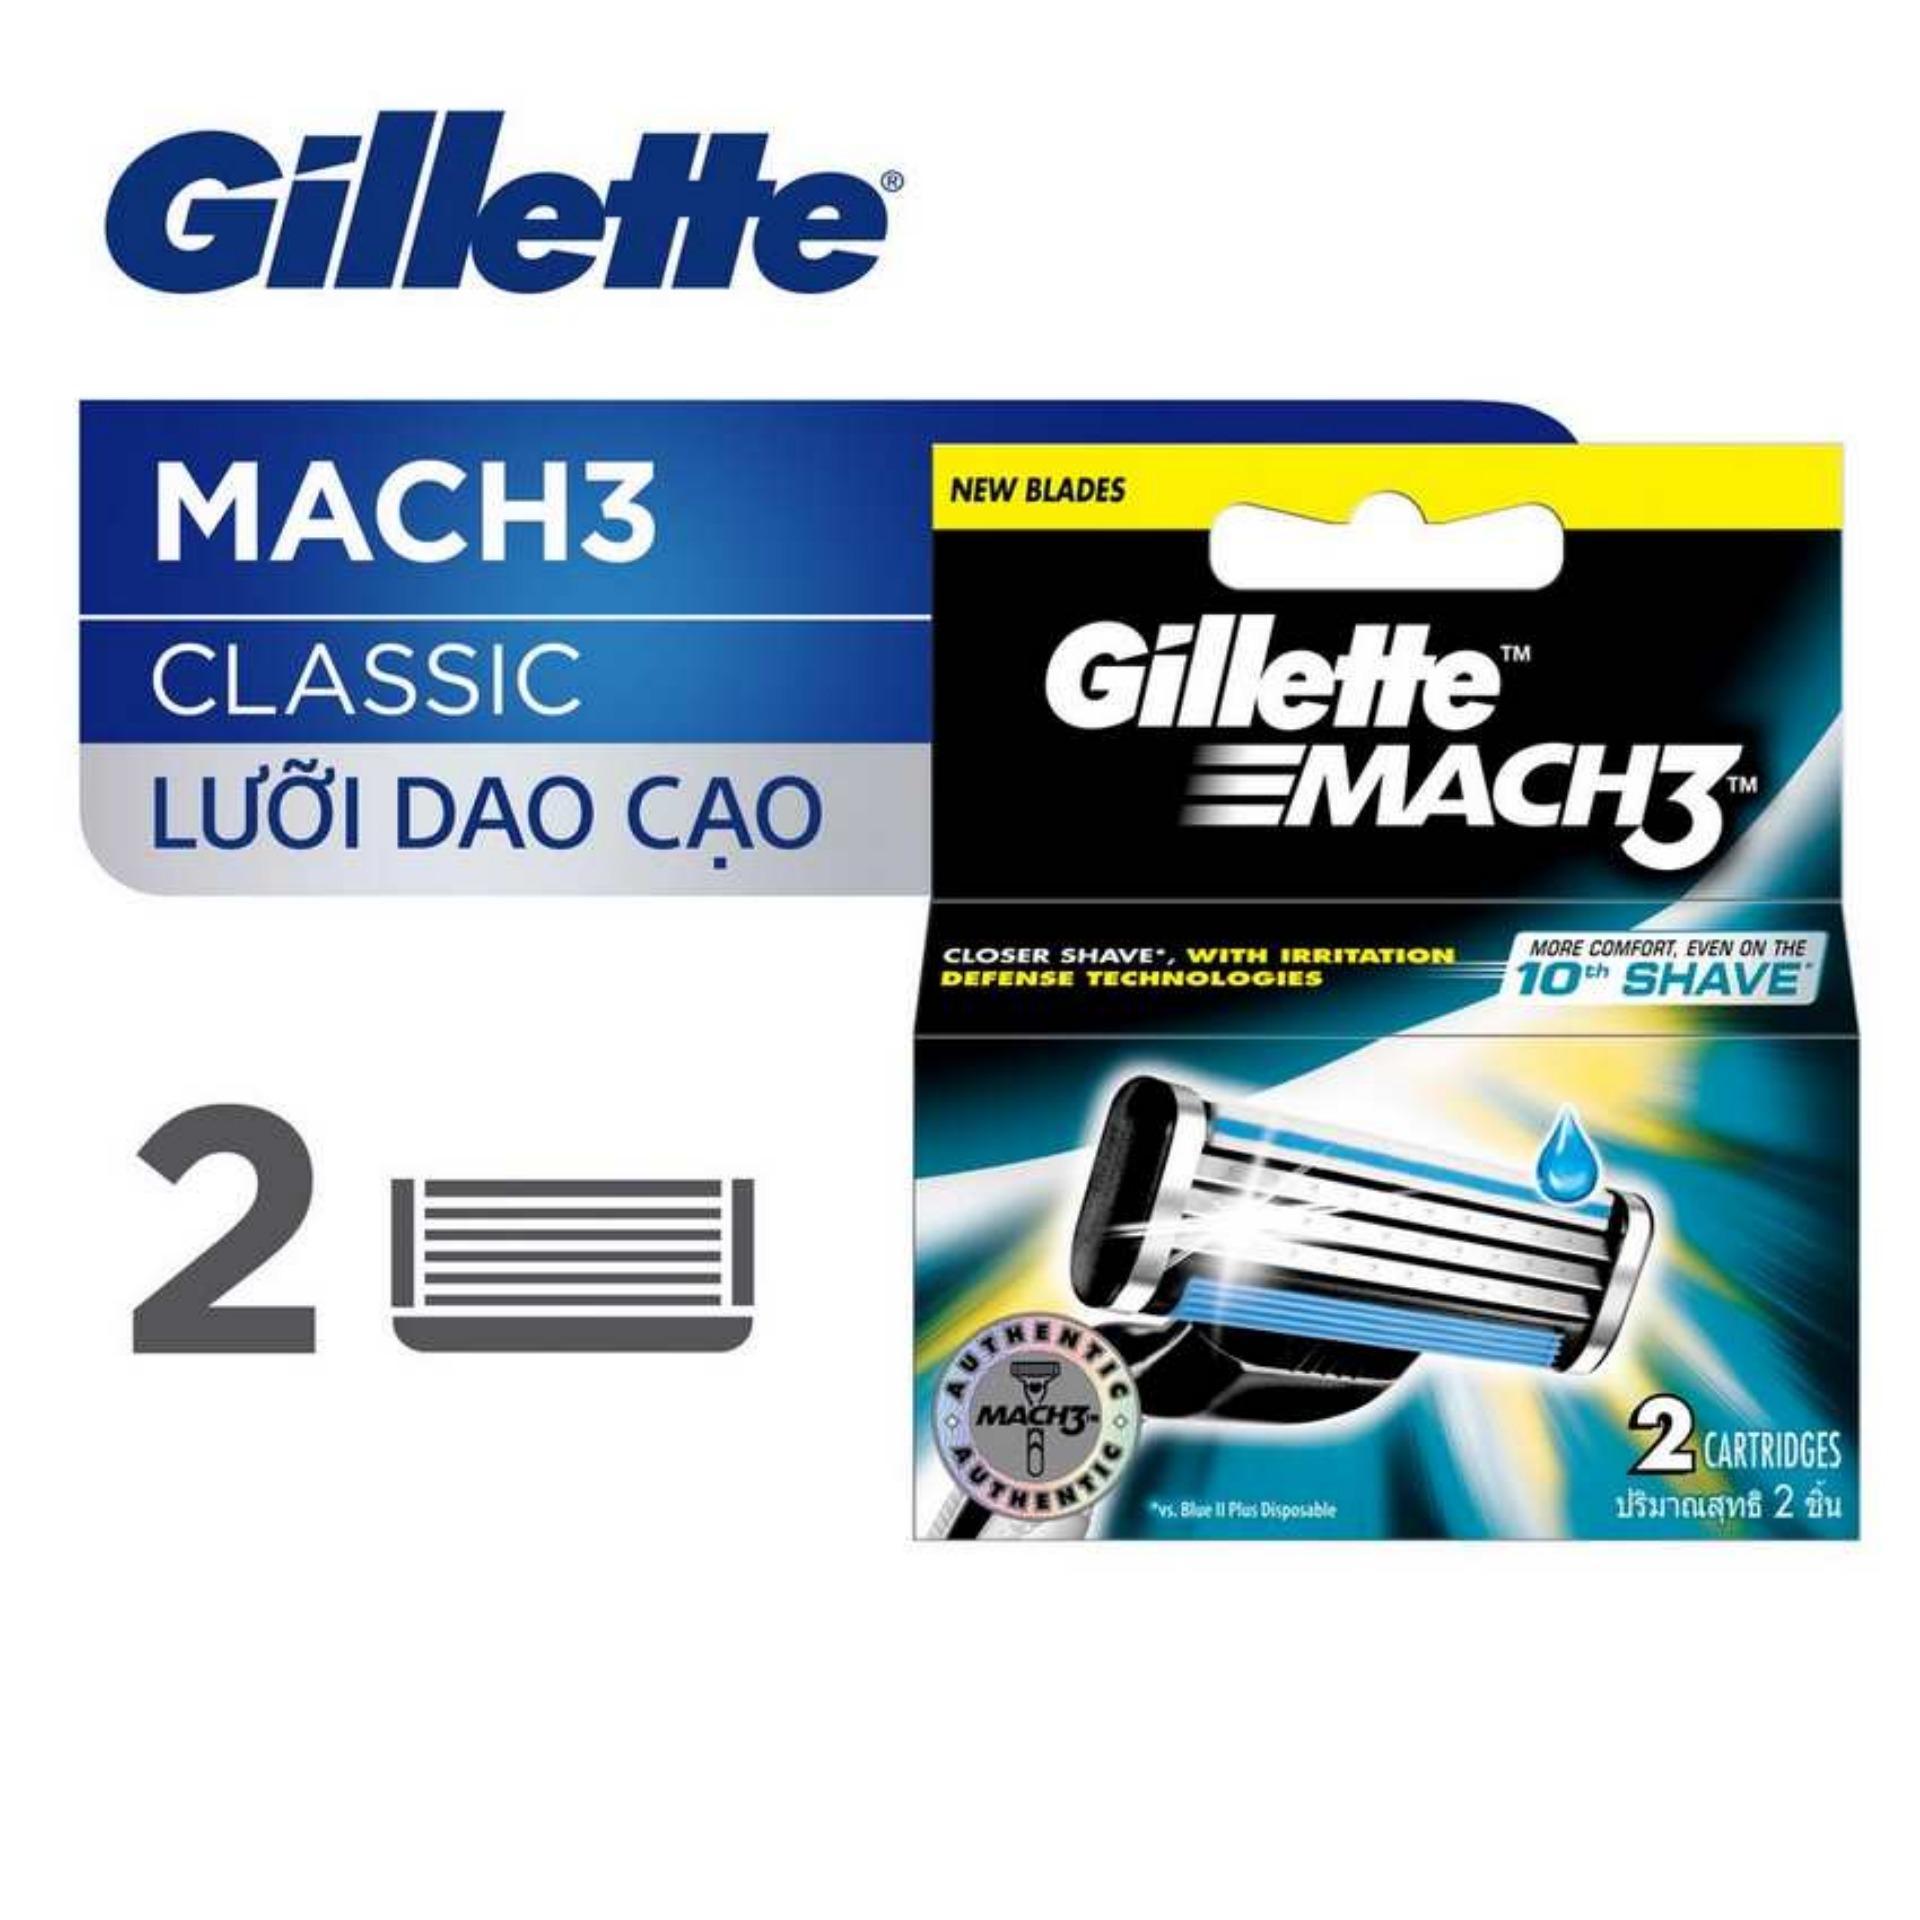 Lưỡi dao Gillette Mach3 vỉ 2 lưỡi - Classic vỉ 2s nhập khẩu